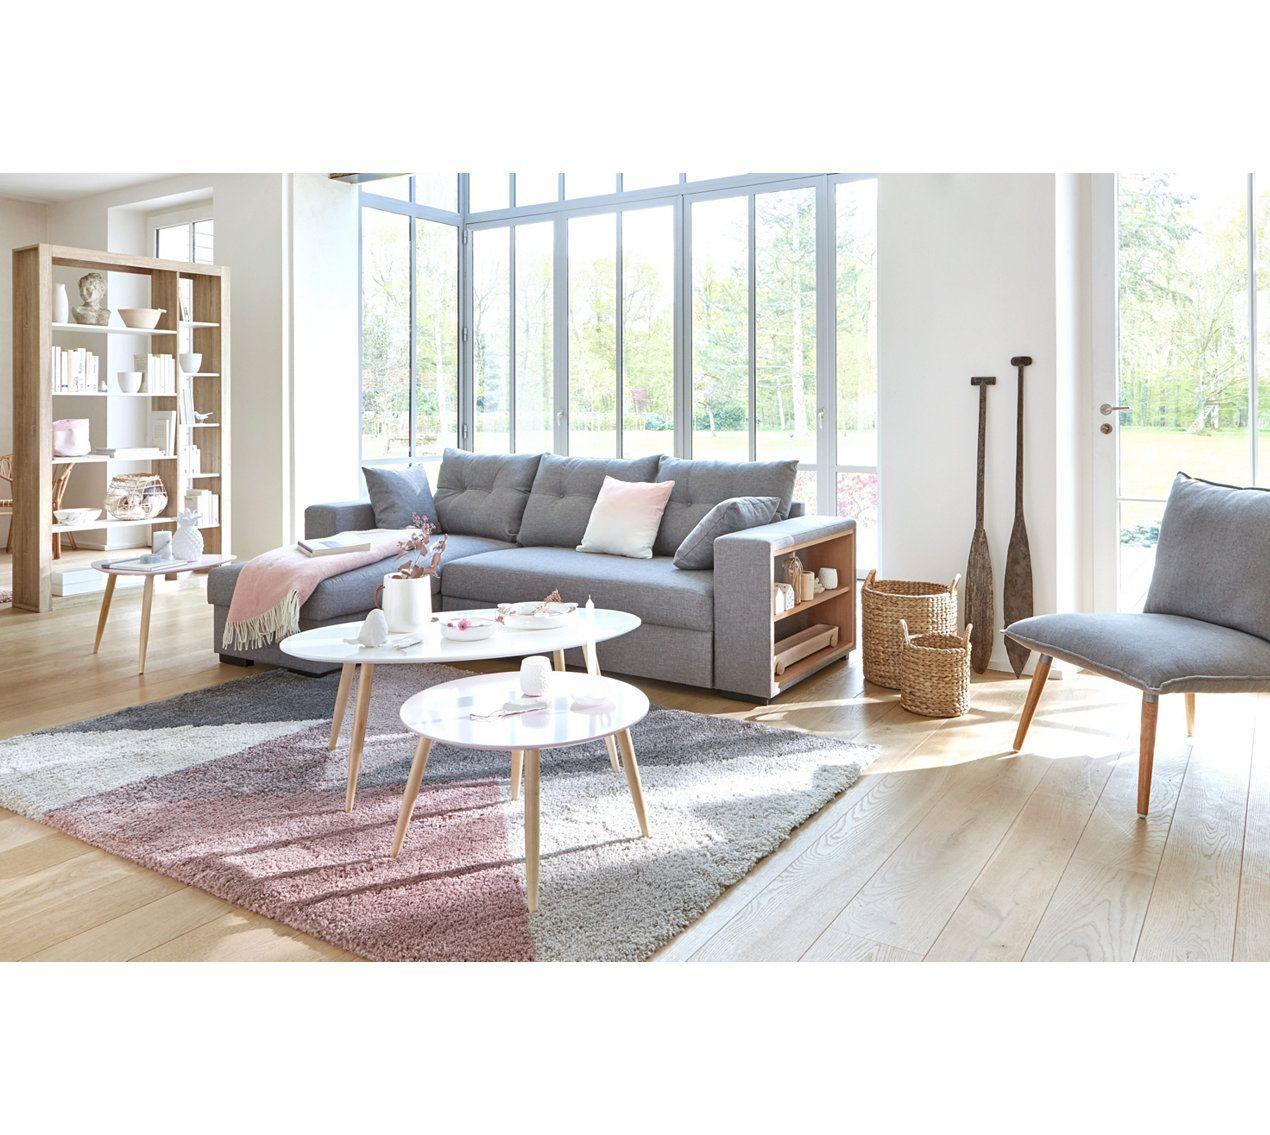 Canapés Convertibles Ikea Luxe Images 25 Nouveau Les Canapés Modernes